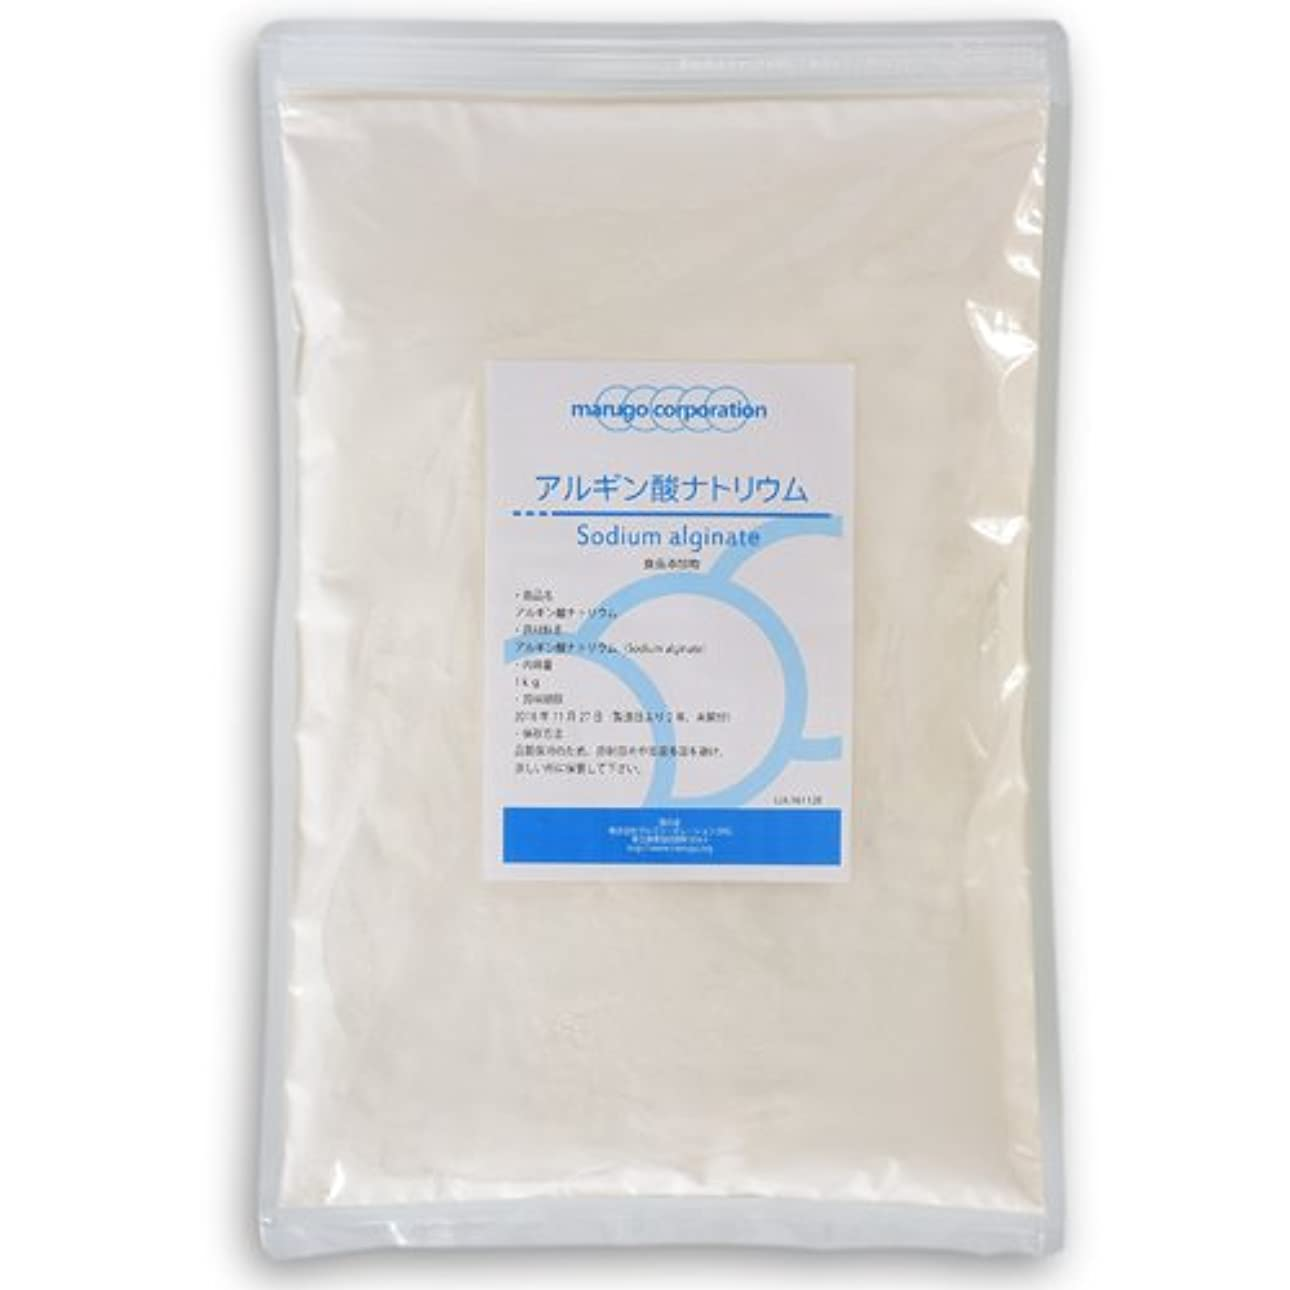 もし顔料眩惑するmarugo(マルゴ) アルギン酸ナトリウム 1kg 人口イクラ ぷるぷる水 食品添加物グレード(食用)